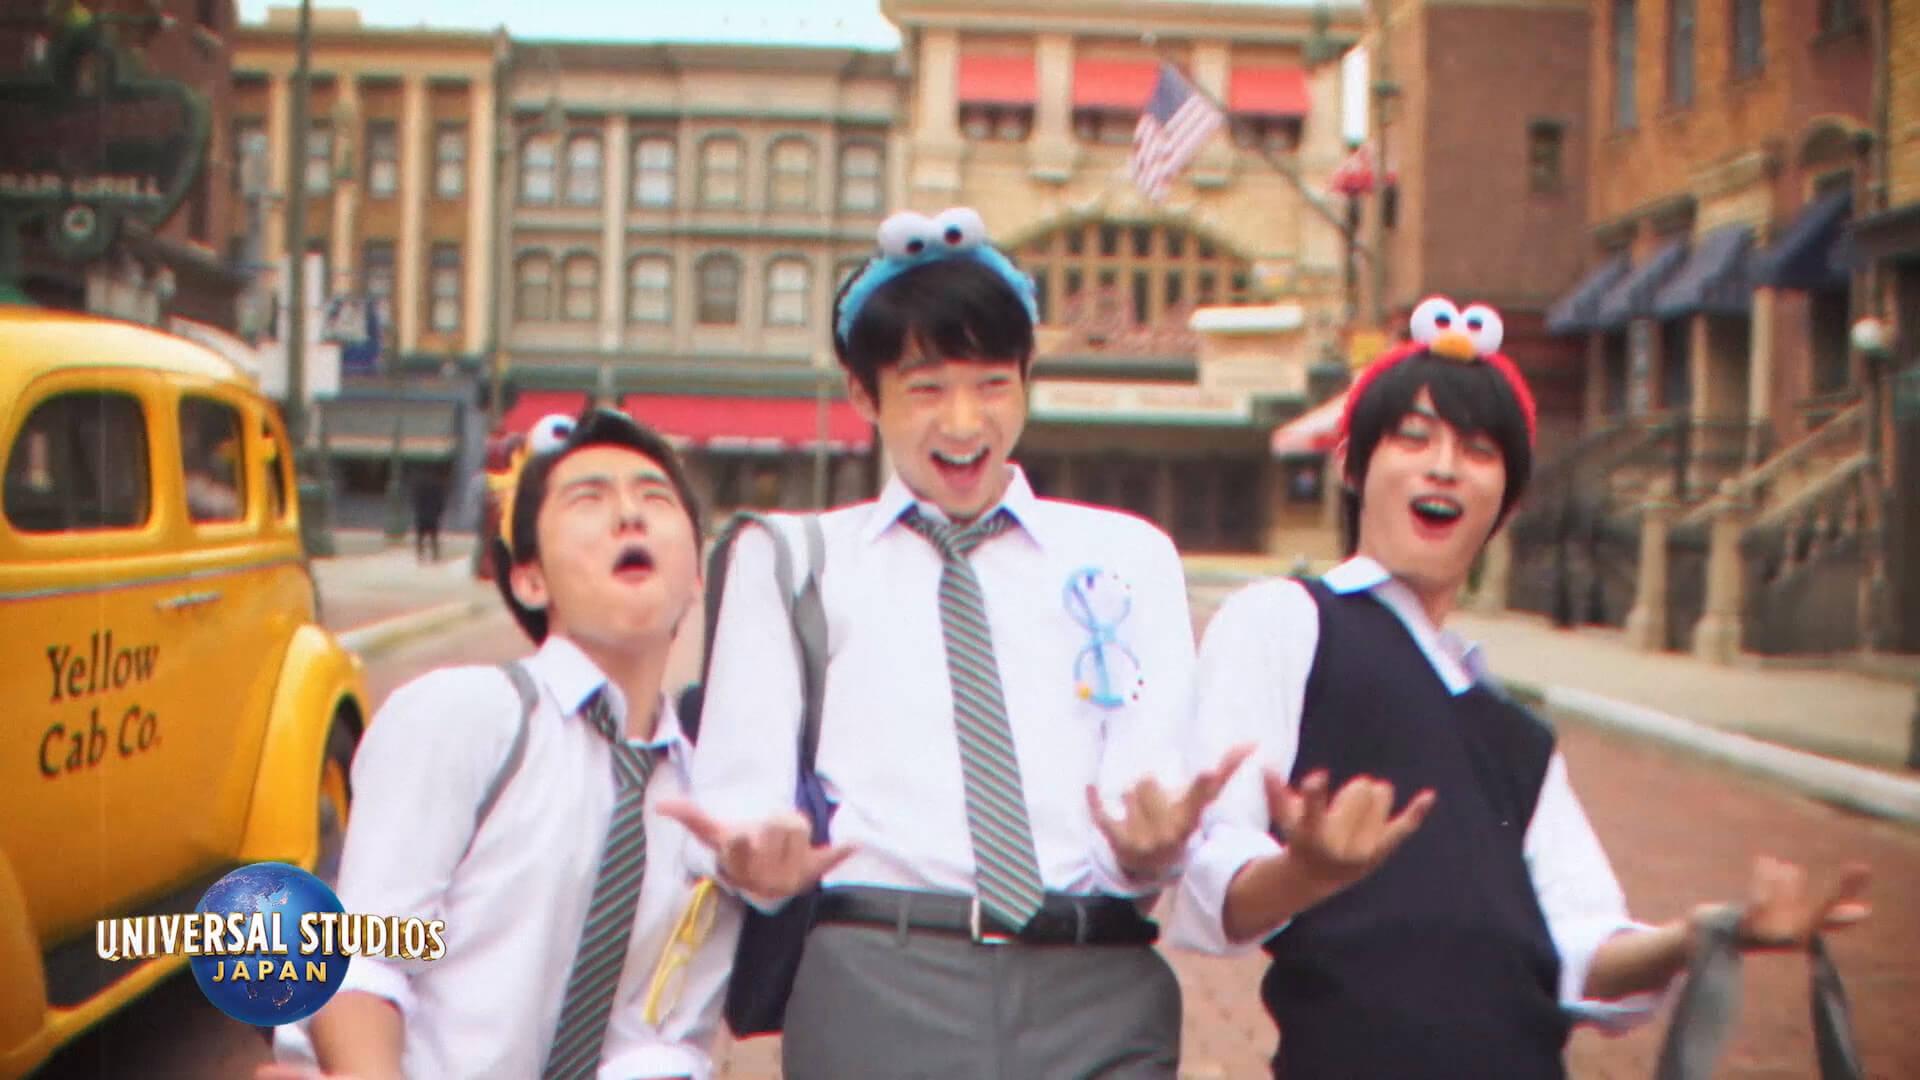 ユニバーサルスタジオジャパン Universal Studio Japan メイン動画